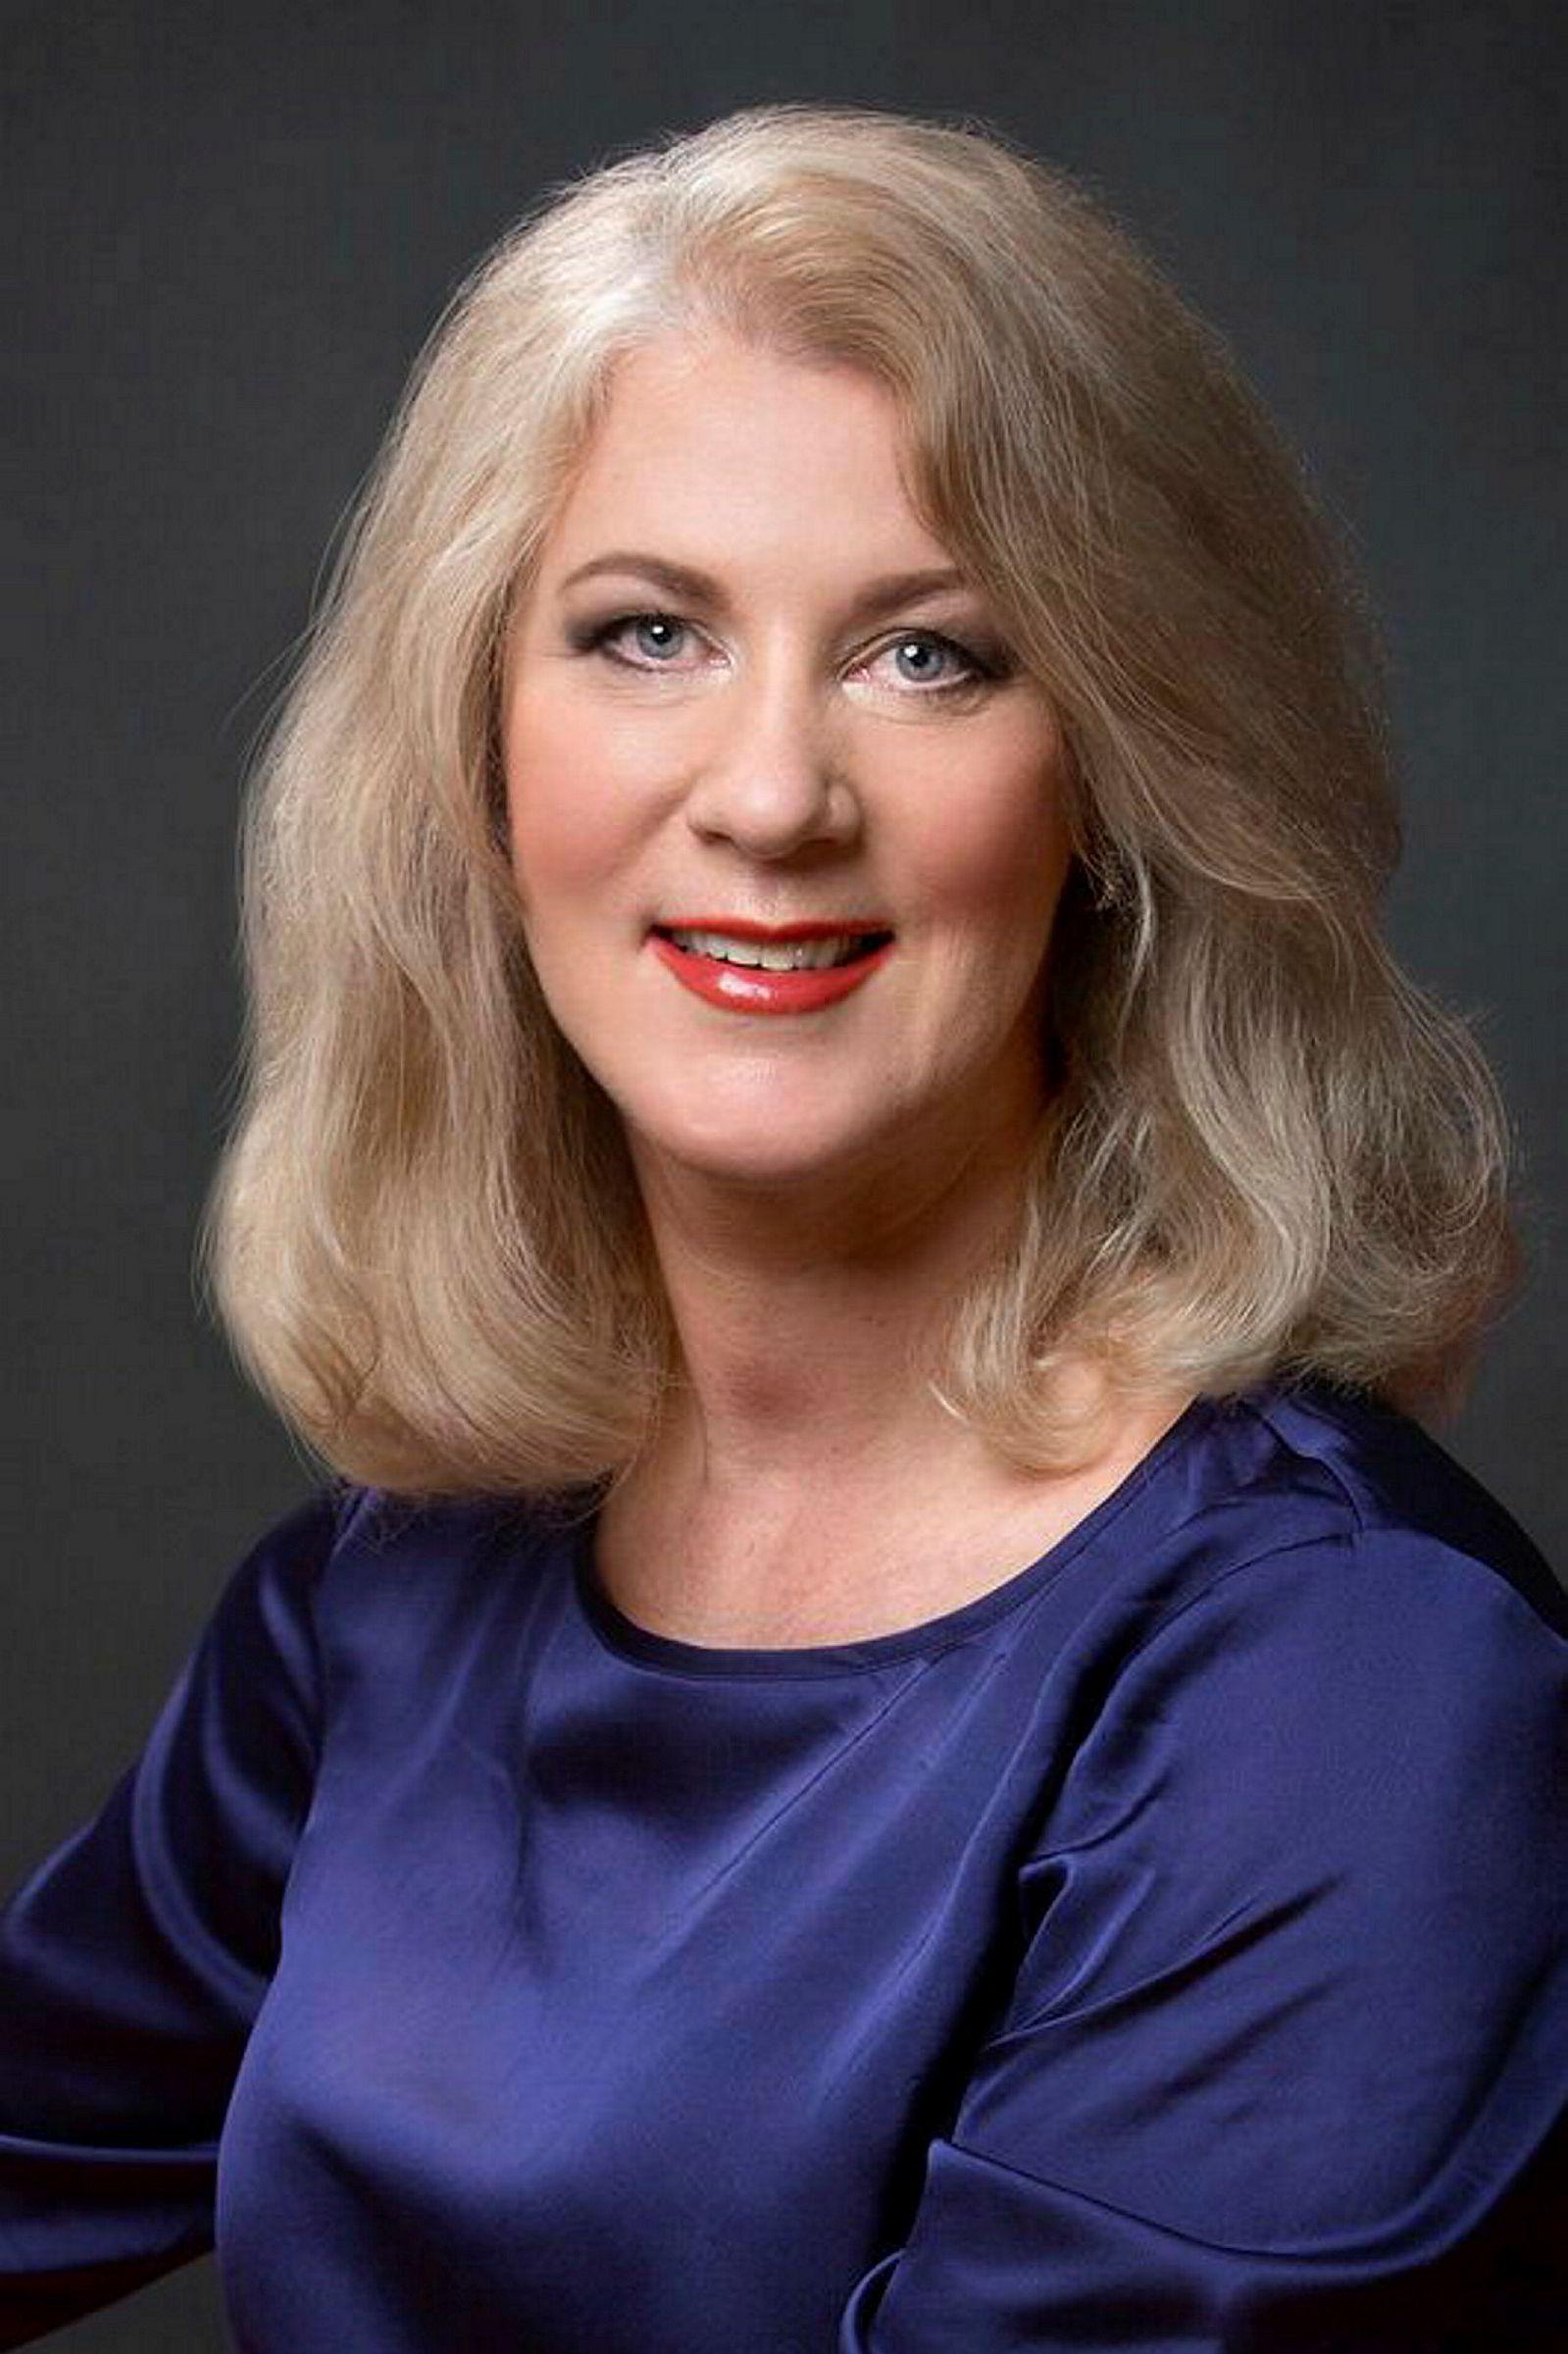 – Uansett utfall er det bra at det blir presisert hva forskriften betyr. Det er i alle parters interesse, sier direktør Anne Mari Halsan i Norske frisør- og velværebedrifter.